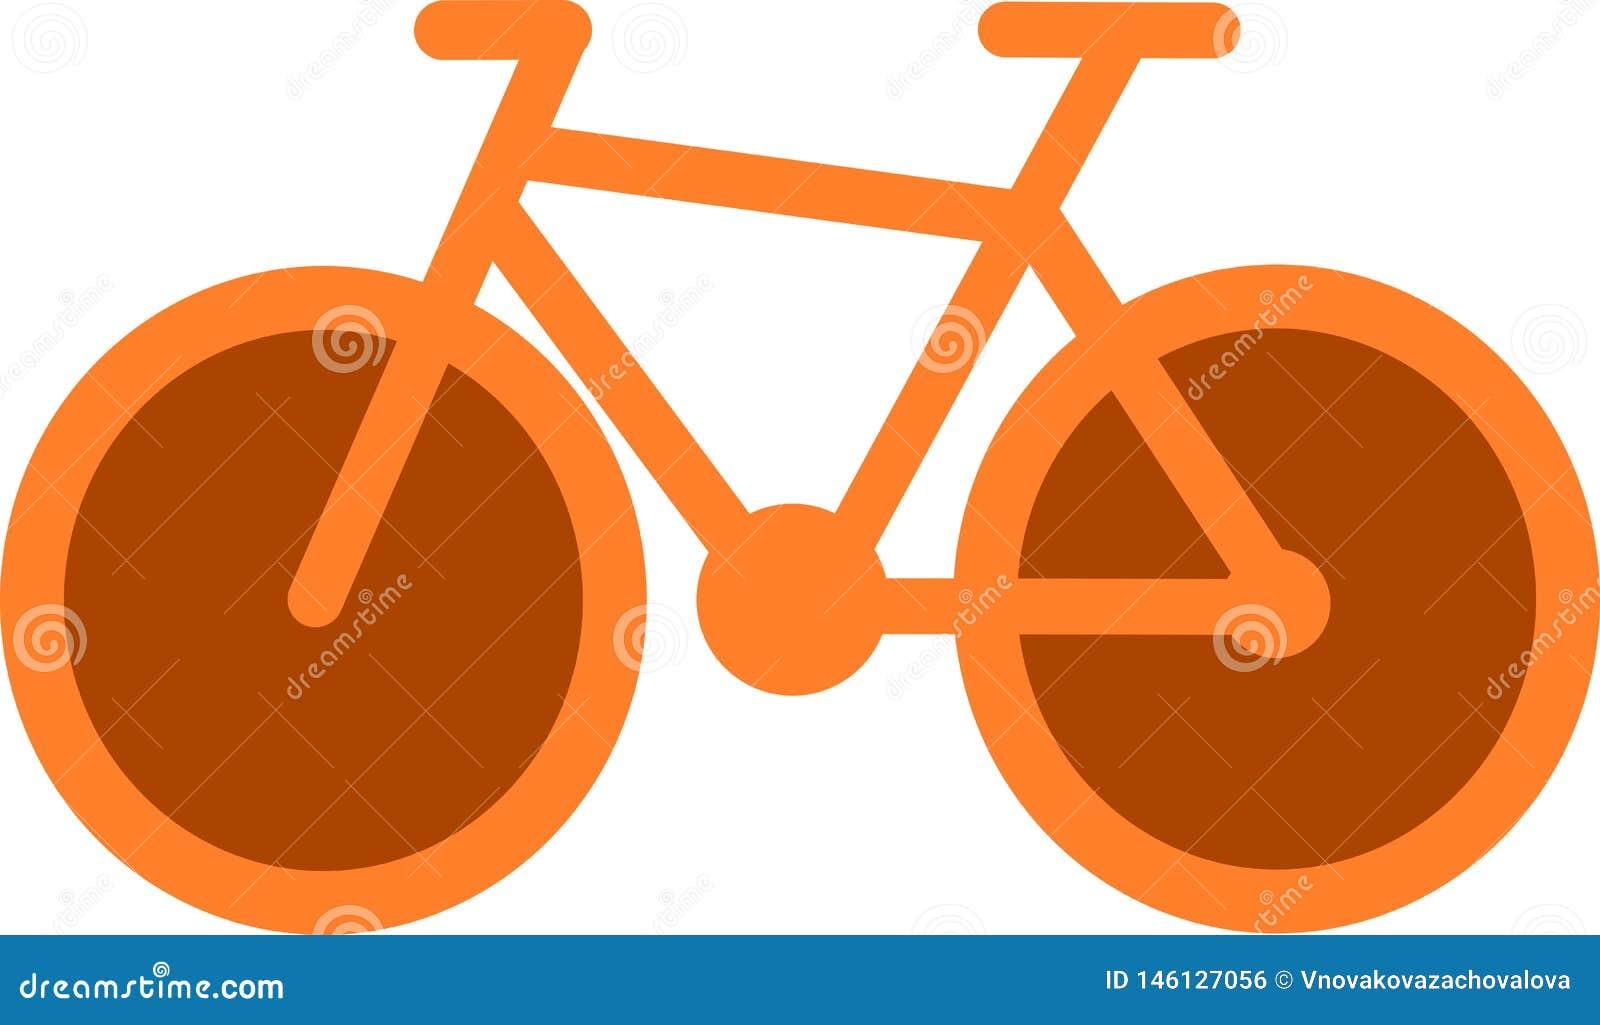 Orange bicycle icon